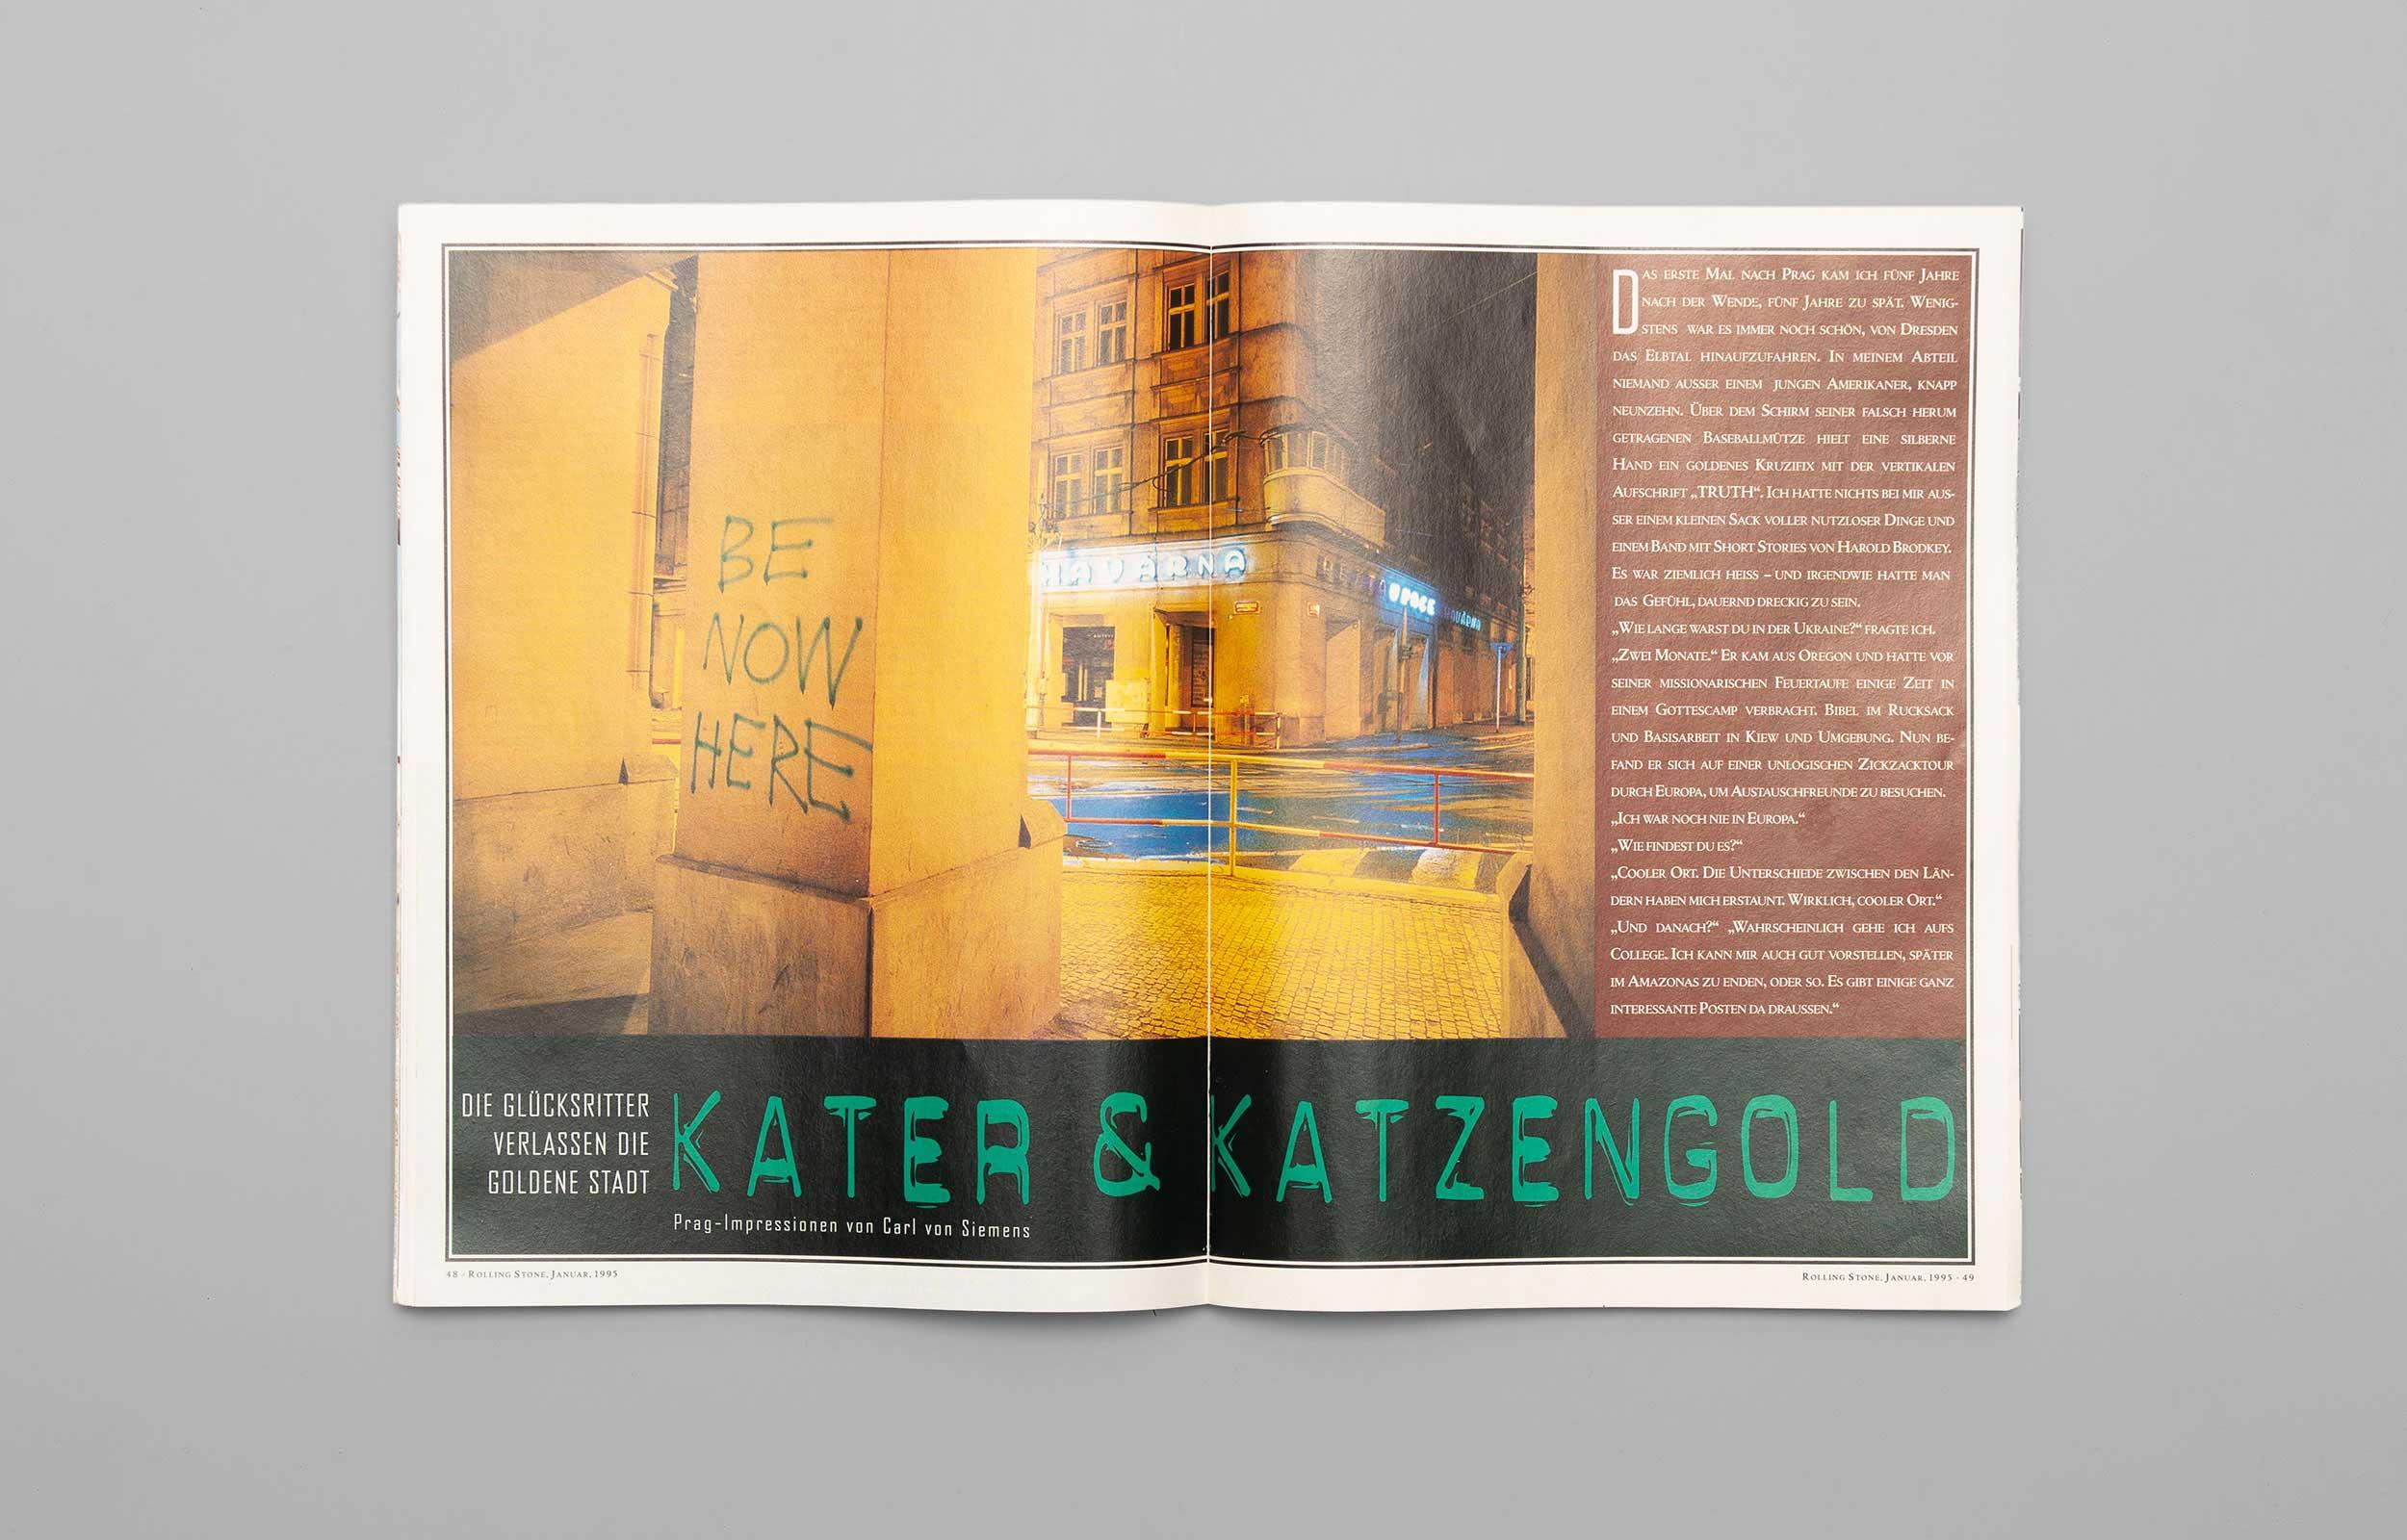 Carl von Siemens Rolling Stone Story 1